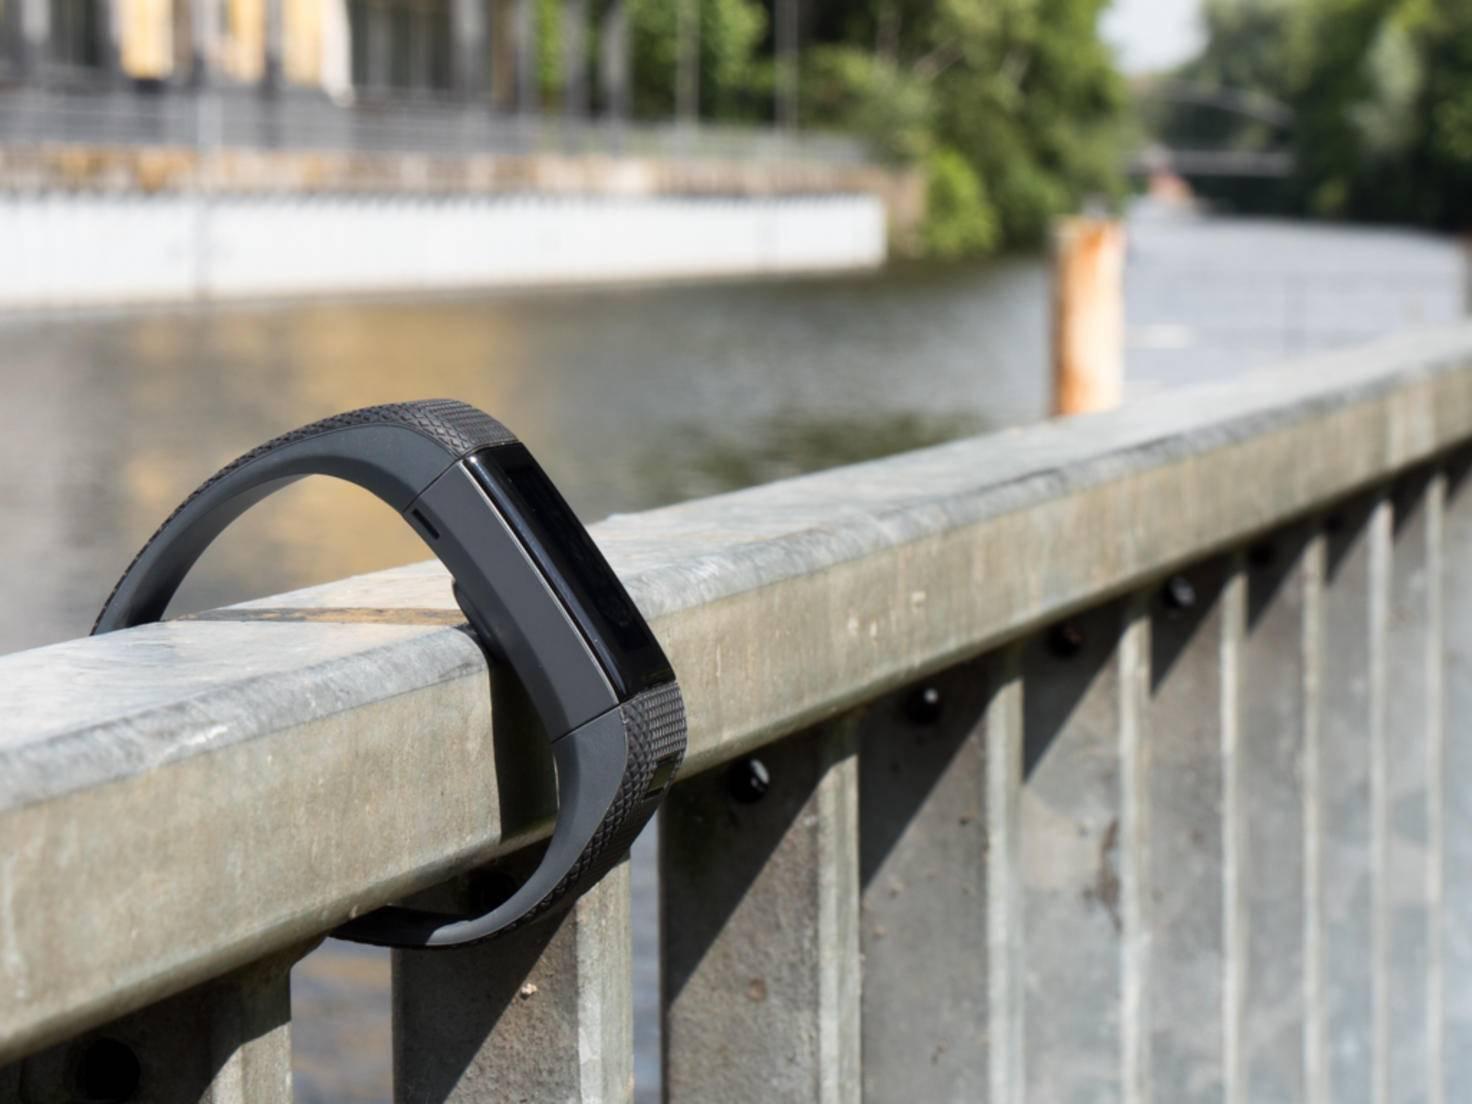 Fitnesstracker sind praktisch, aber manchmal bauen sie beim Laufen unnötig viel Druck auf.